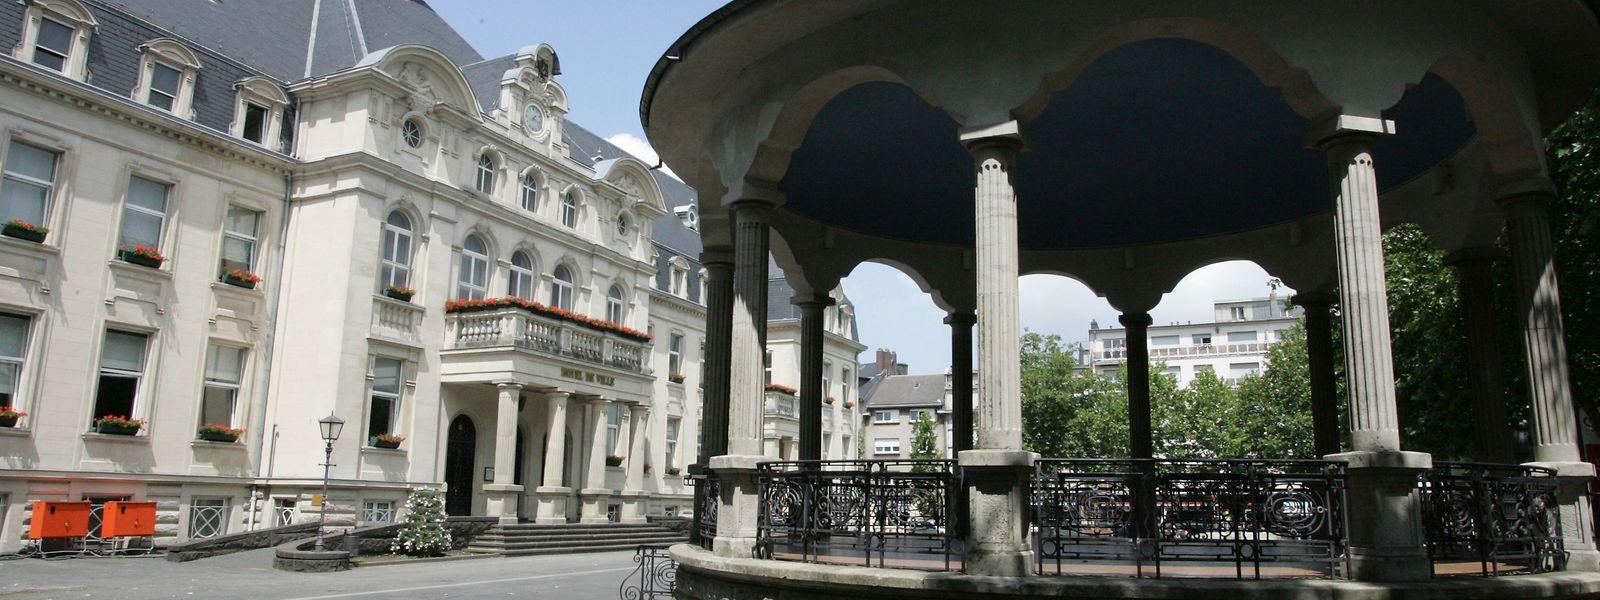 Das düdelinger Rathaus wurde zwischen 1930 und 1932 erbaut. Der Kiosk auf dem Rathausplatz. stammt aus derselben Zeit